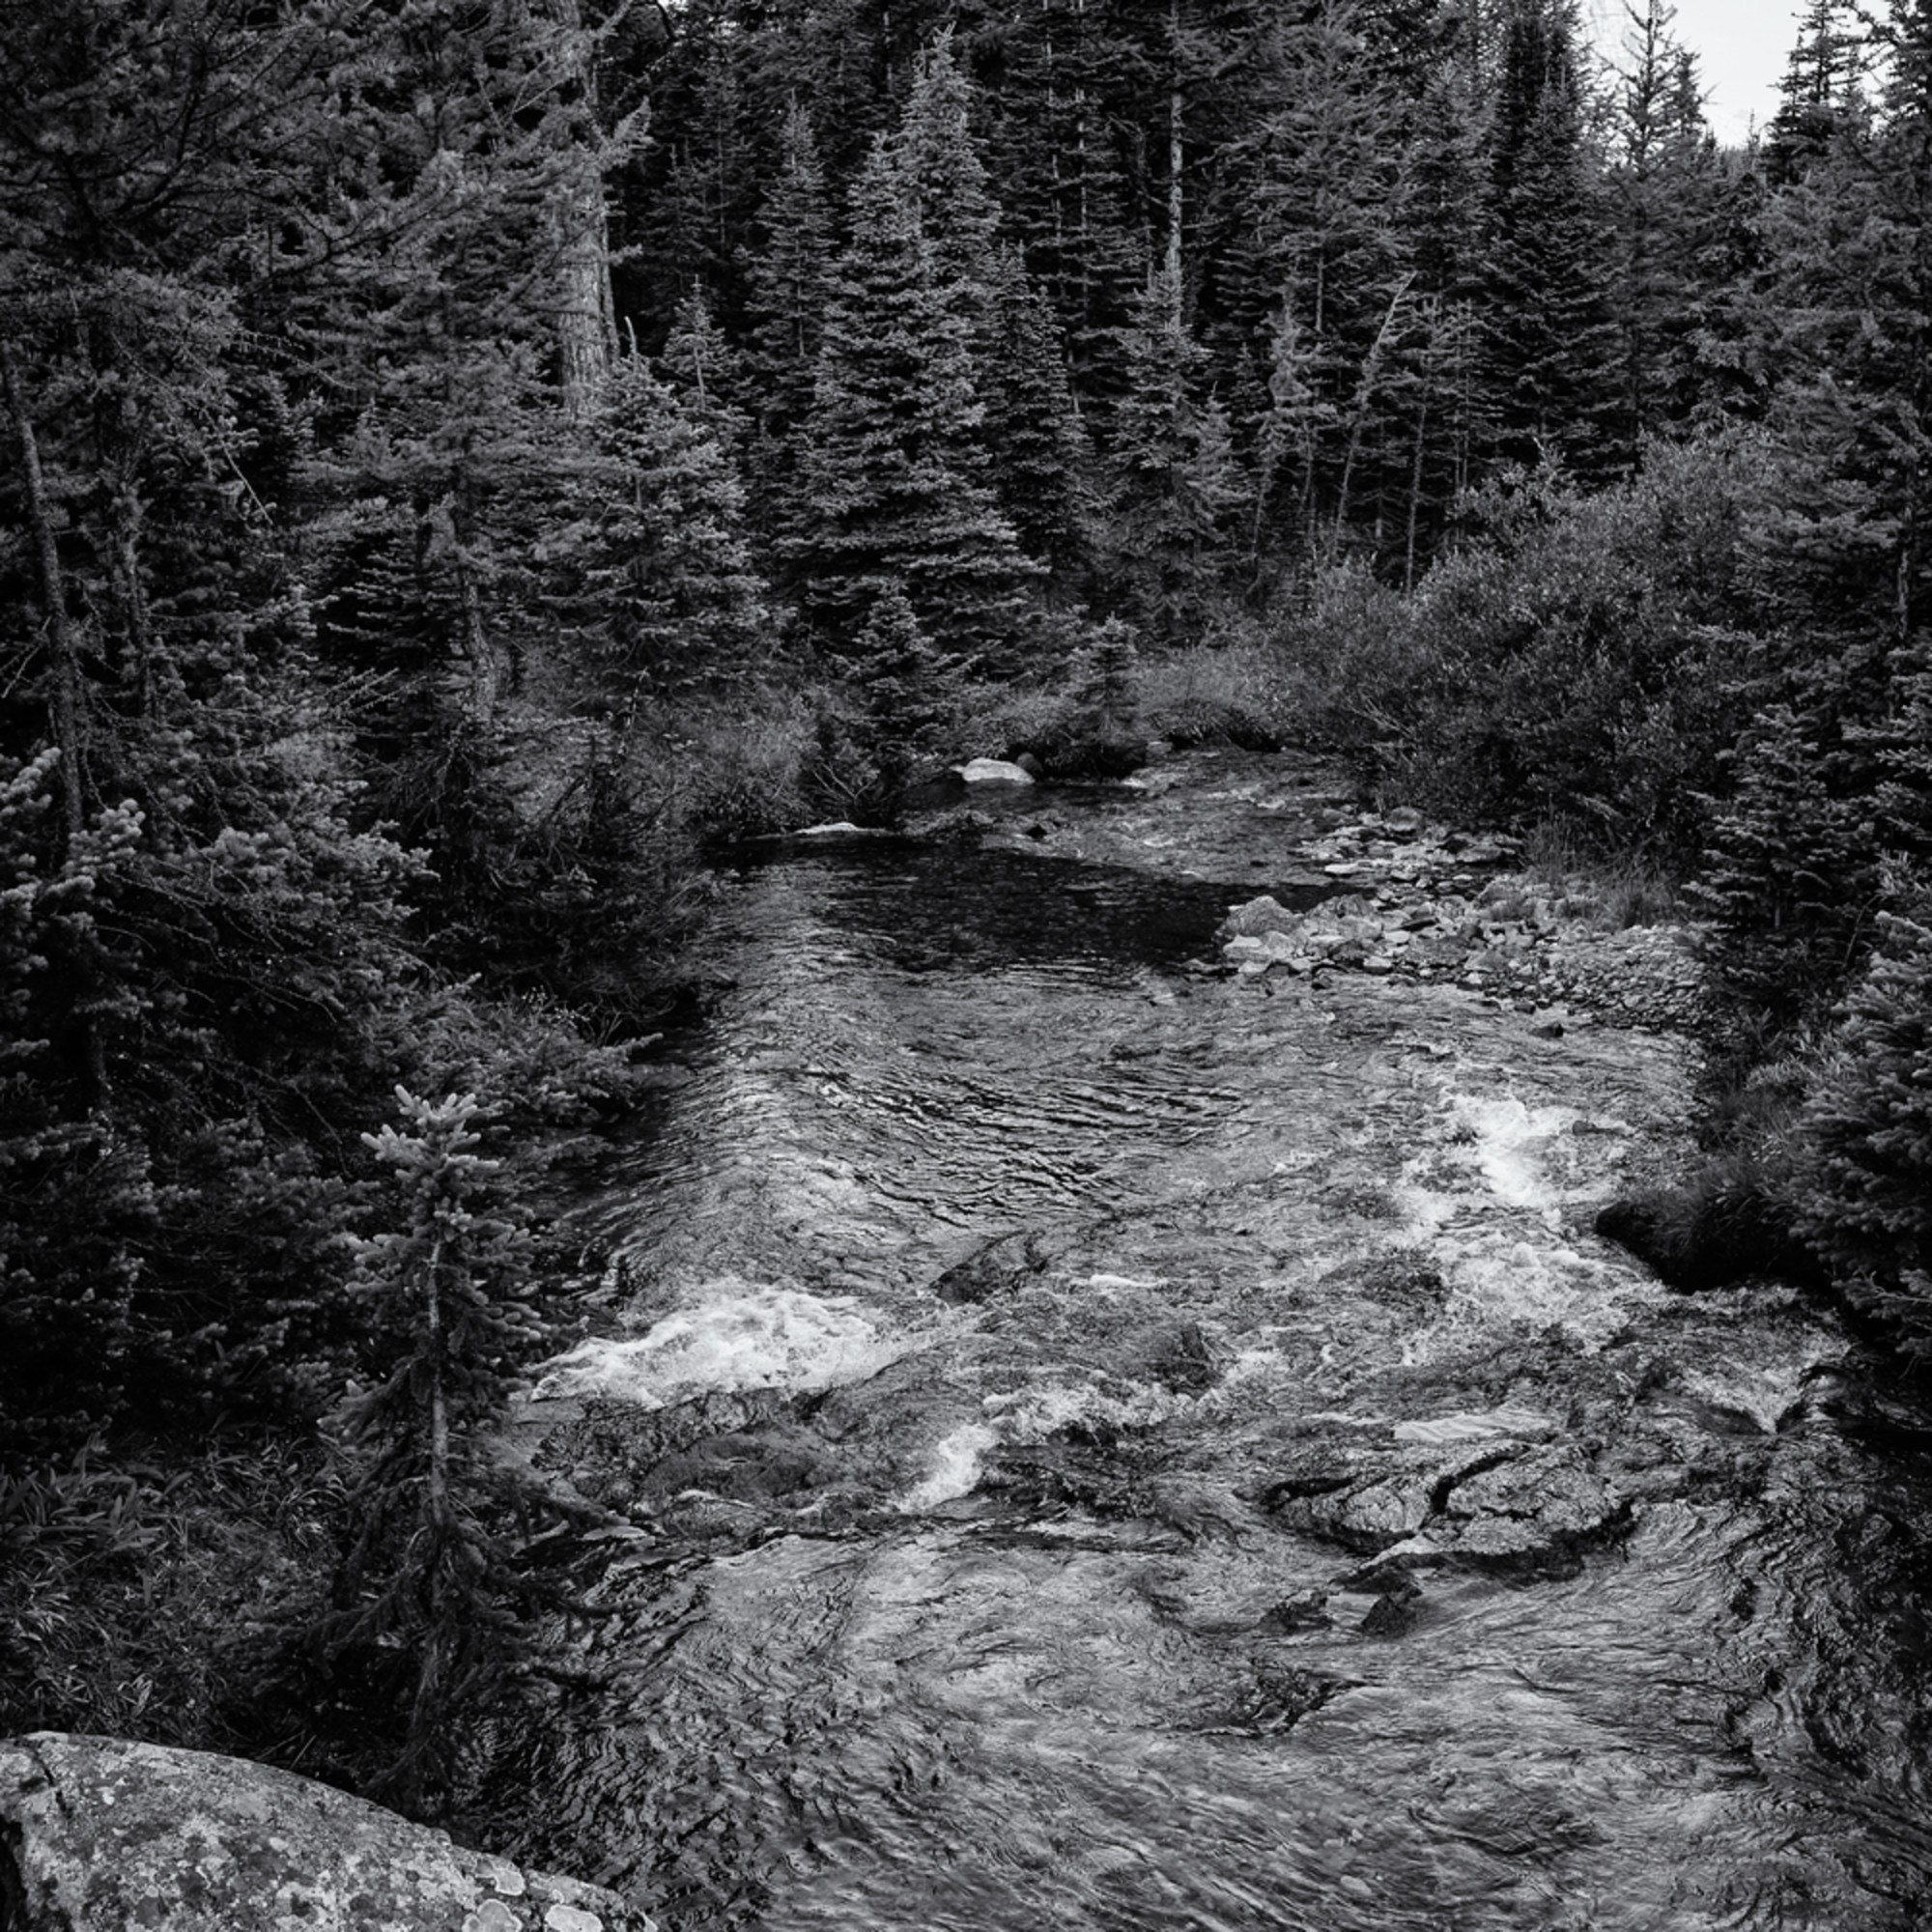 Mountain stream mtwmbt